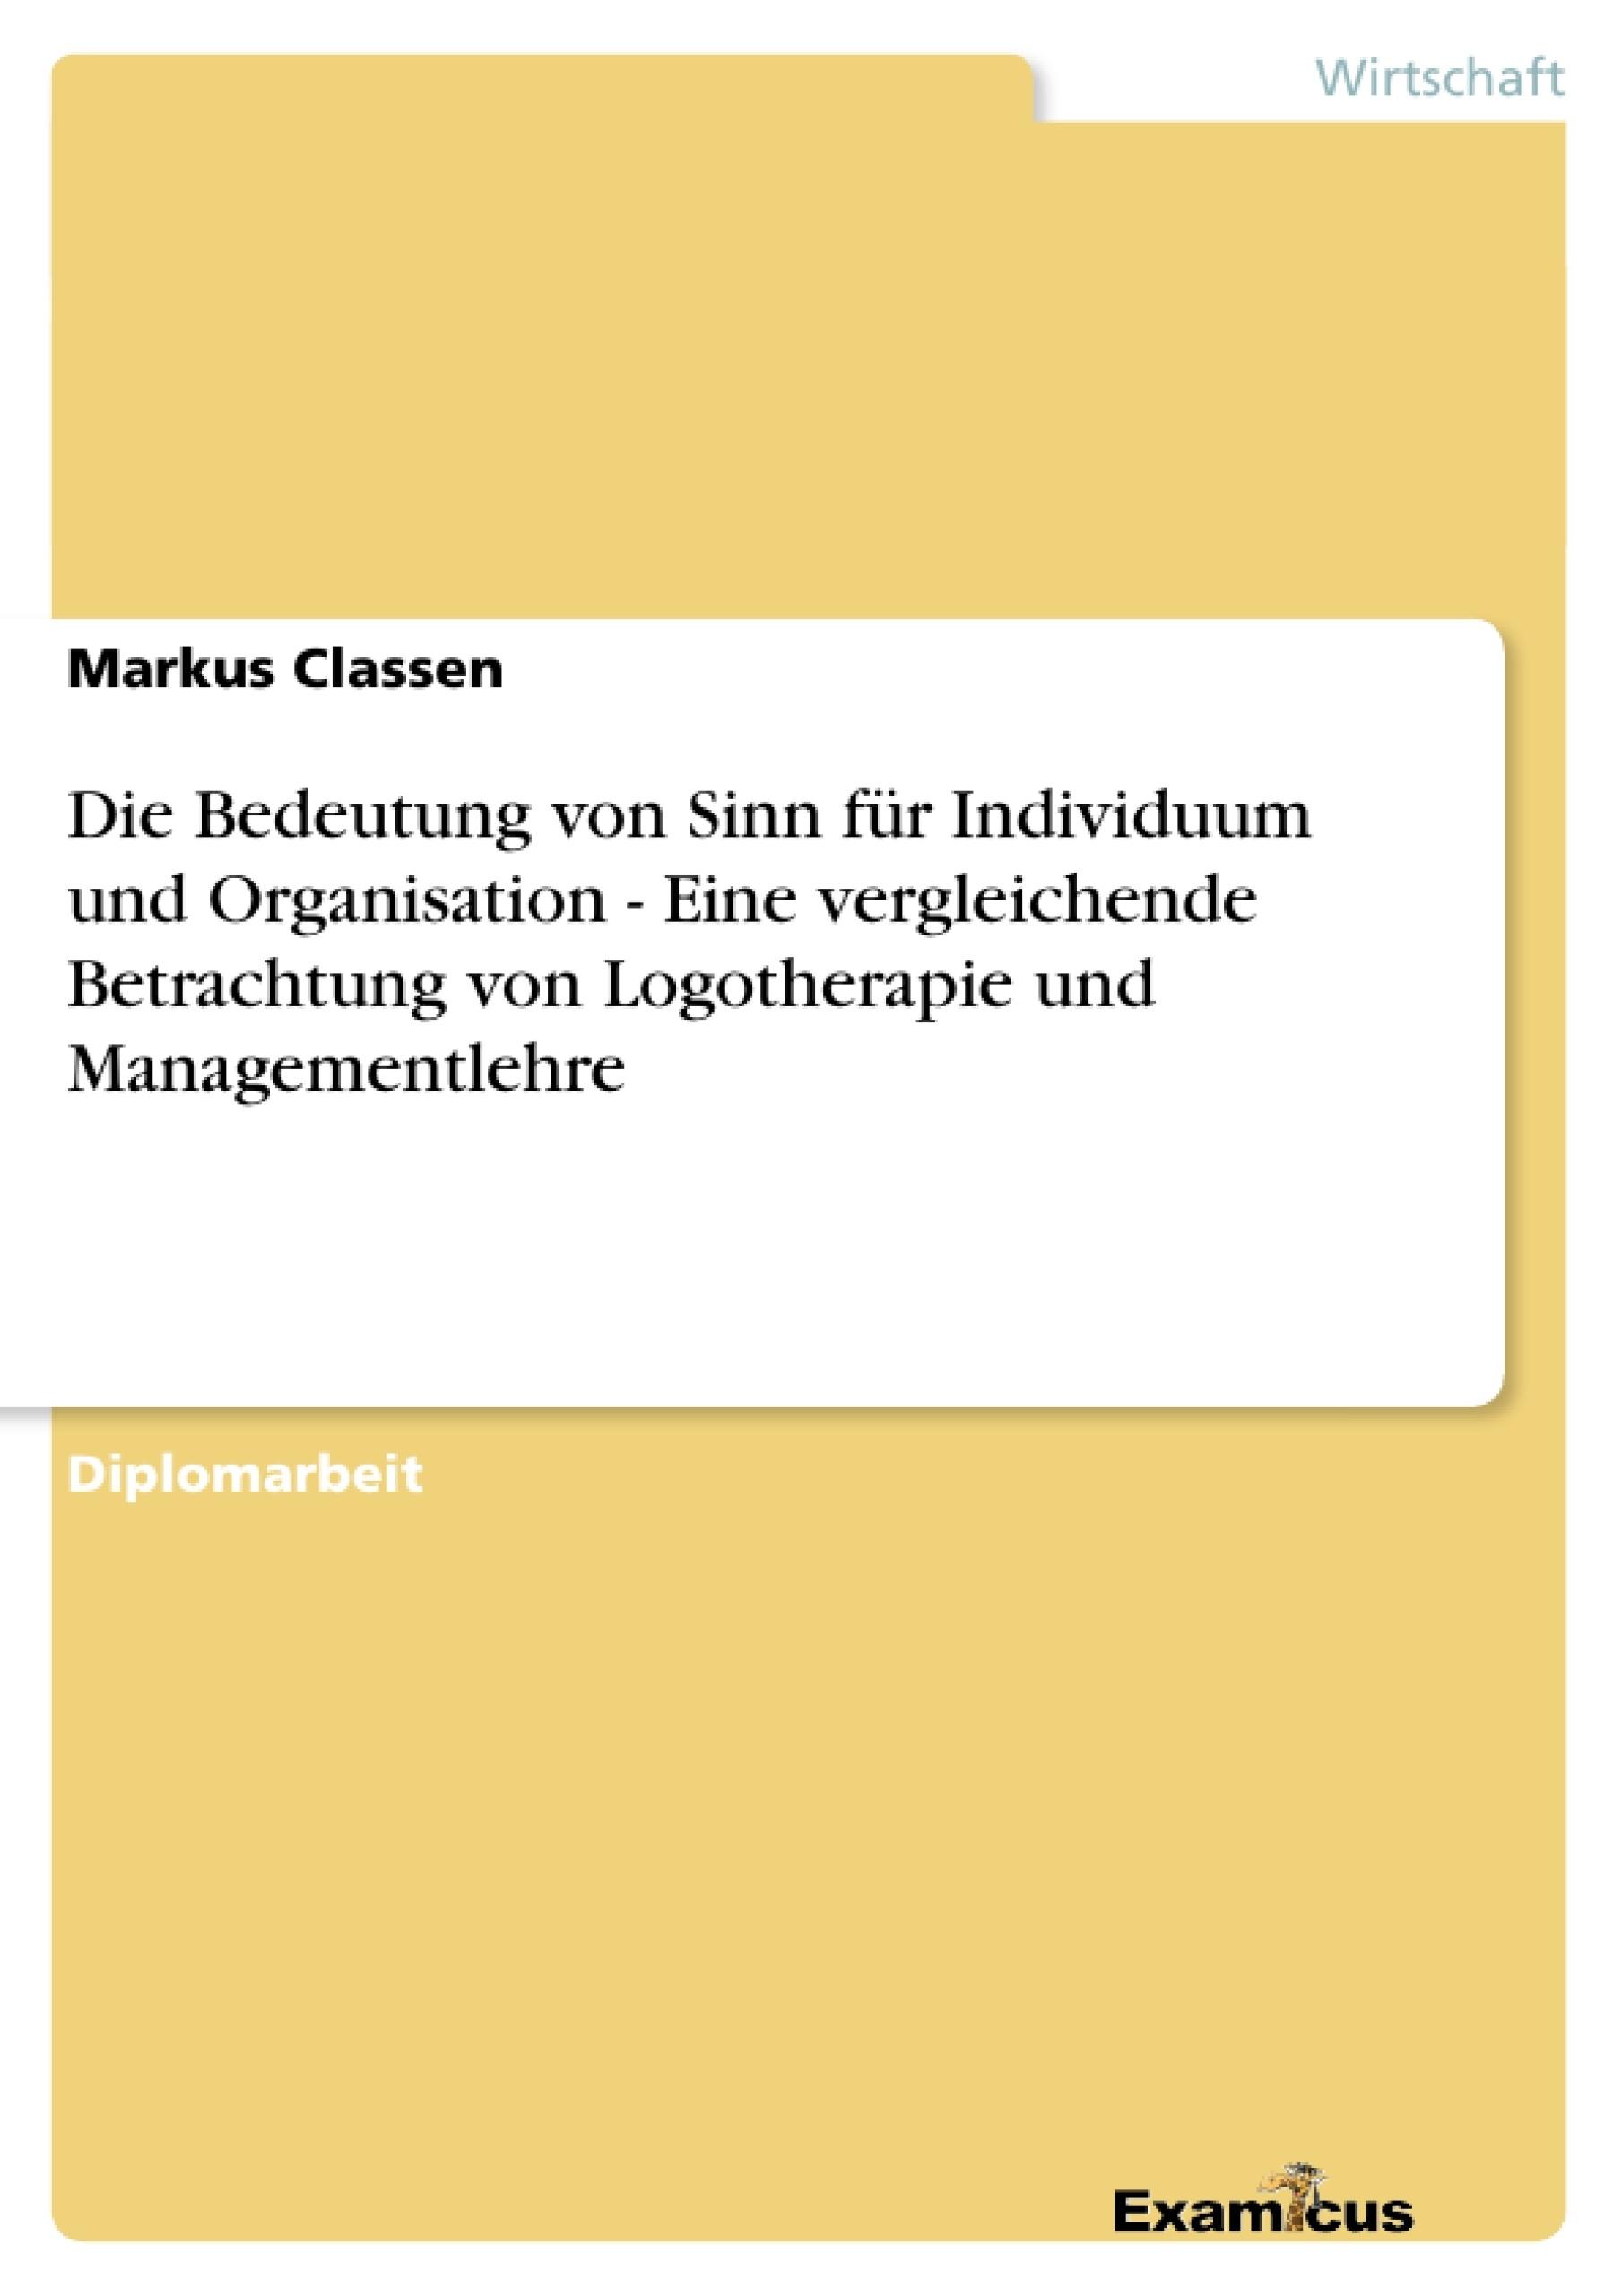 Titel: Die Bedeutung von Sinn für Individuum und Organisation - Eine vergleichende Betrachtung von Logotherapie und Managementlehre